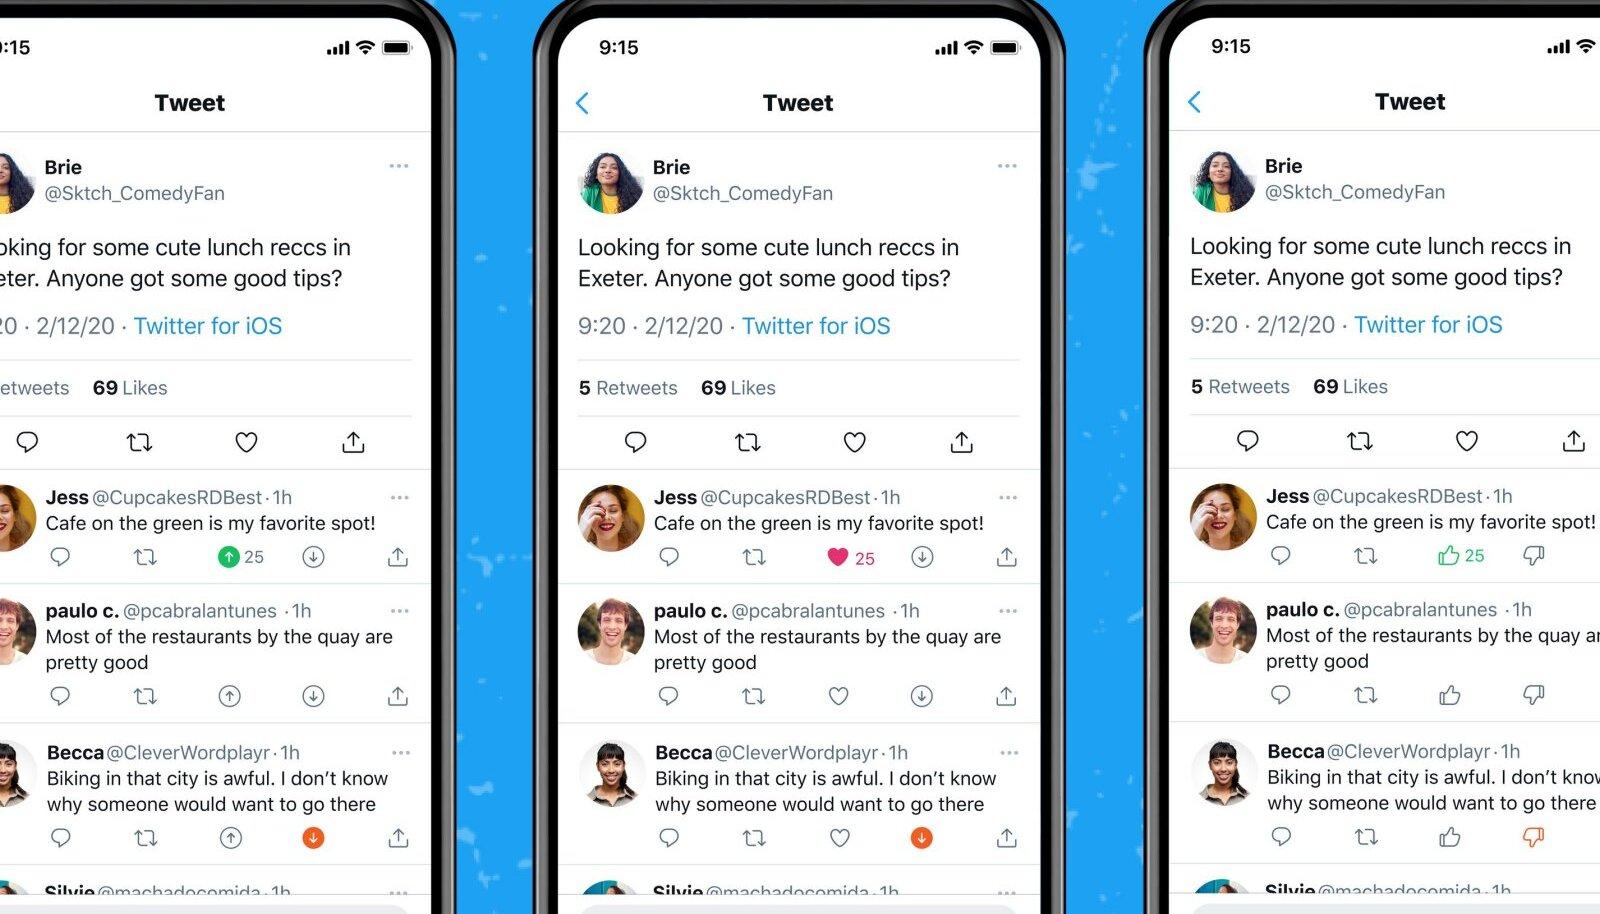 Twitteri katsetatav lahendus